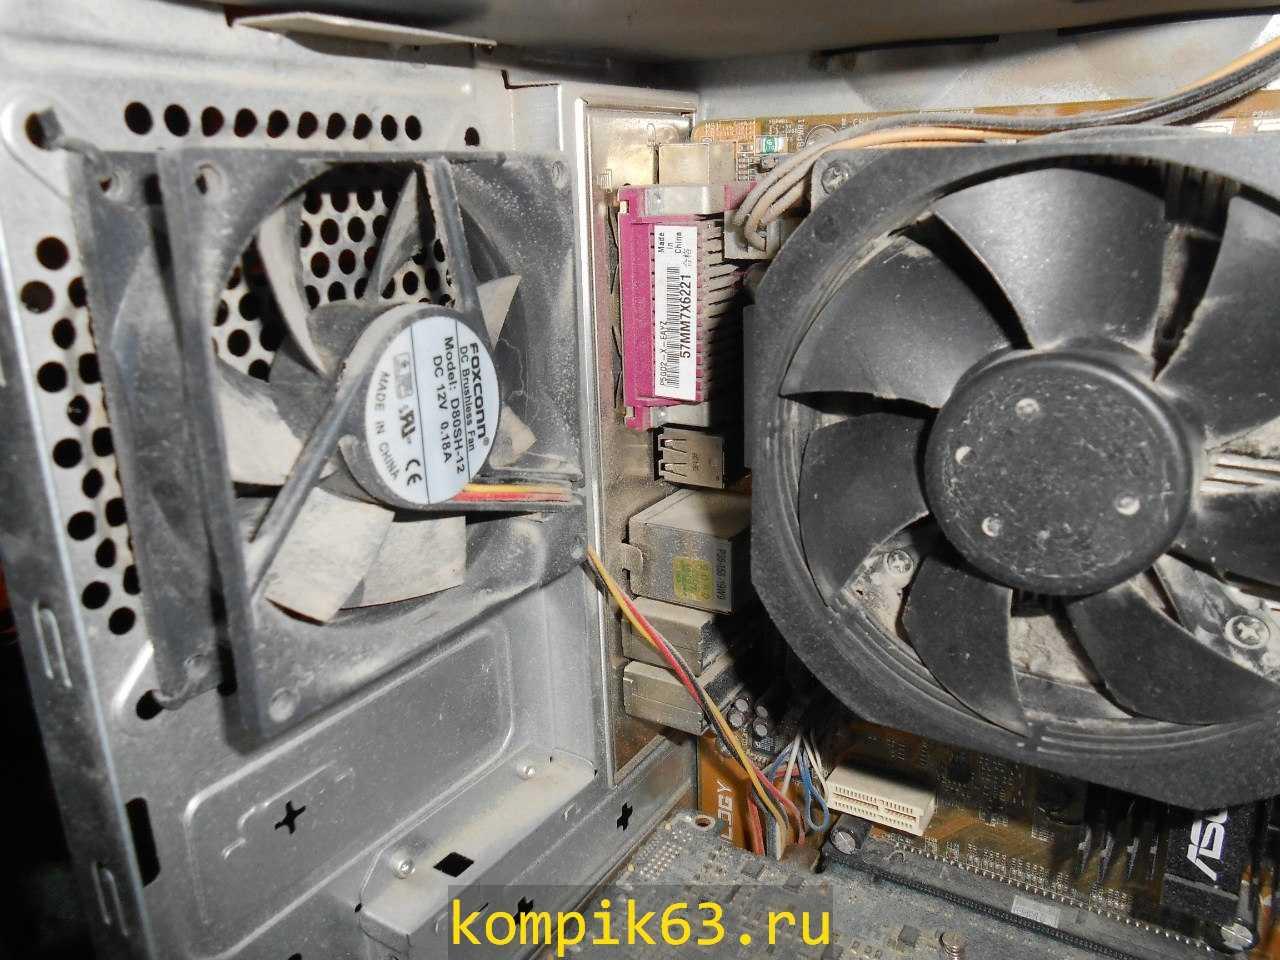 kompik63.ru-079